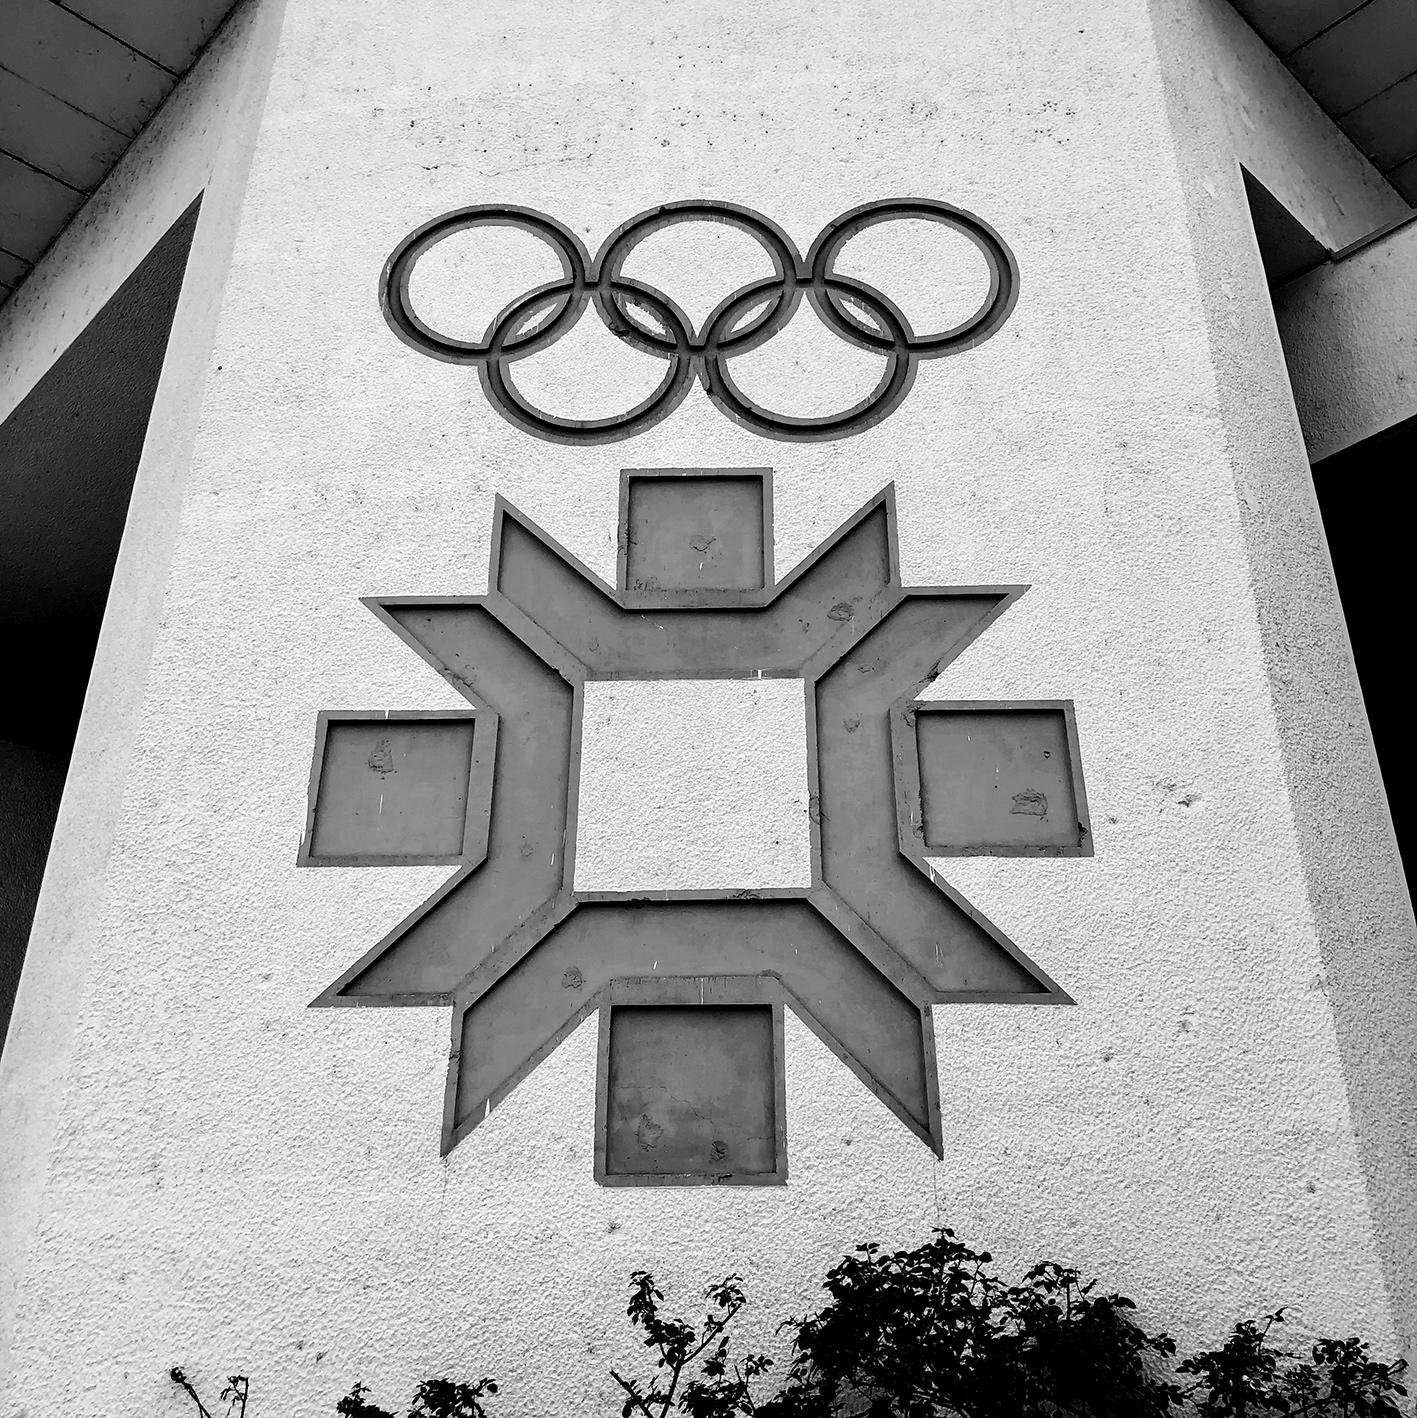 Sarajevo Winter Olympic Games